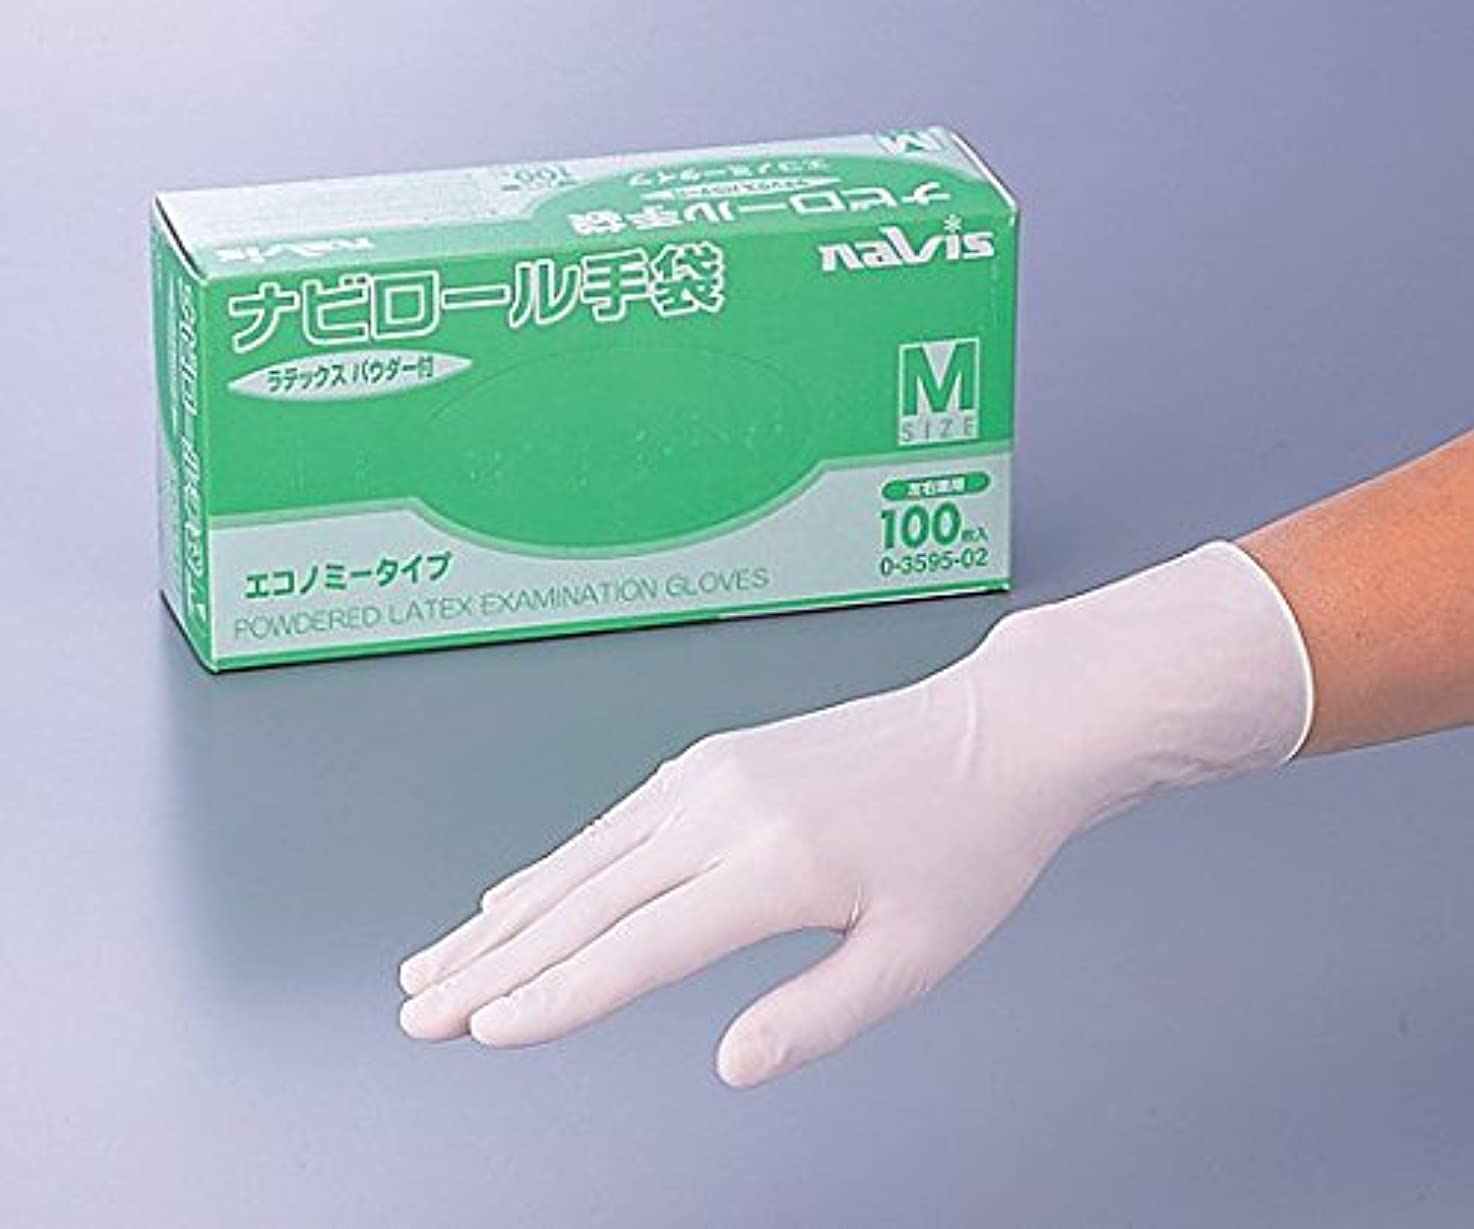 ましい起点信頼アズワン0-3595-03ナビロール手袋(エコノミータイプ?パウダー付)S100枚入